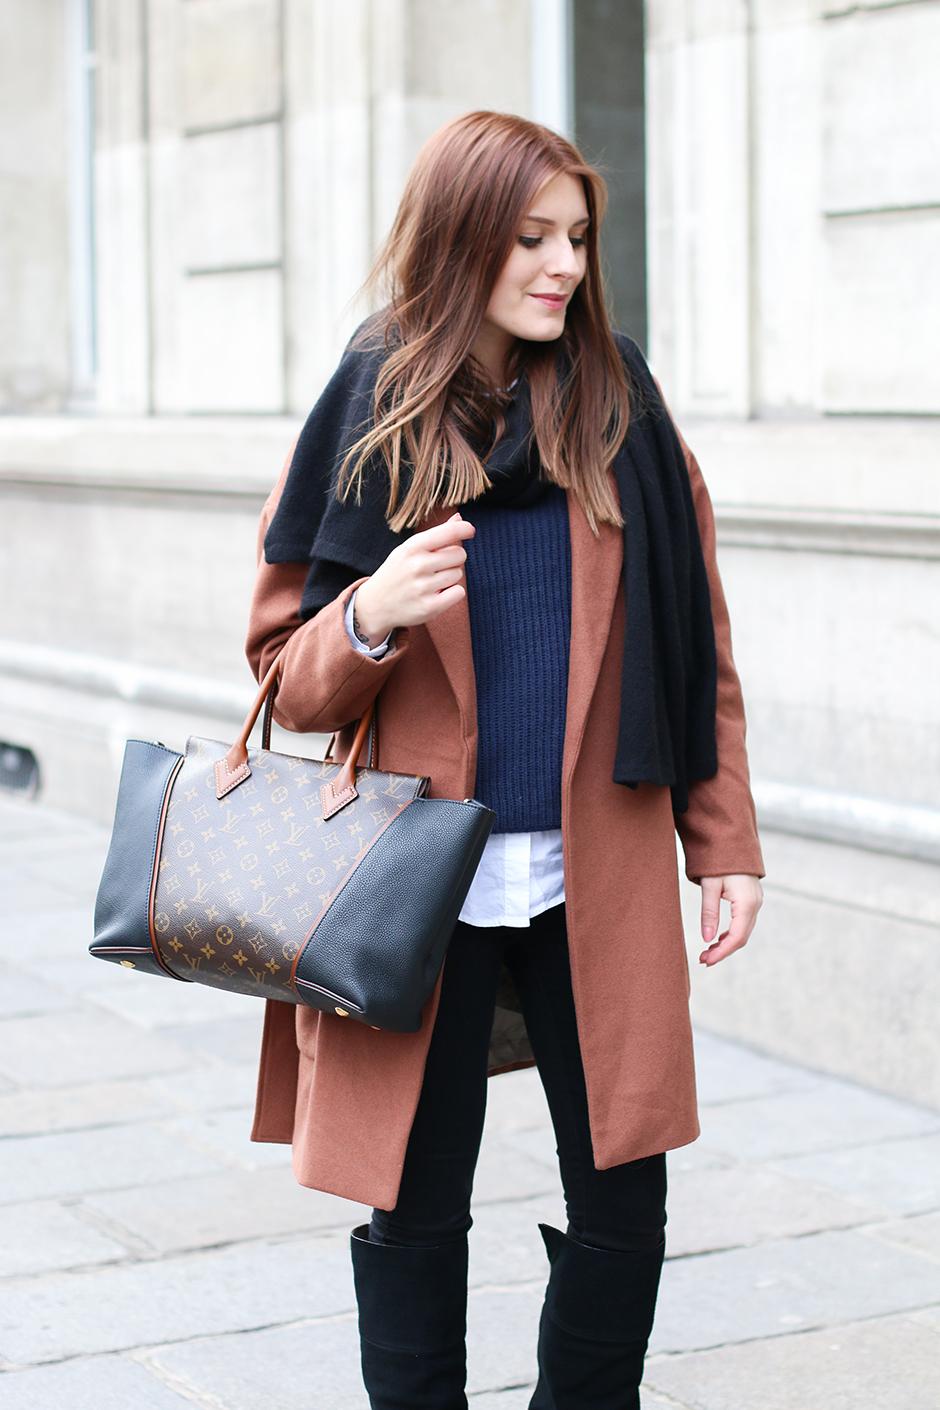 Louis_Vuitton_W_Bag_10